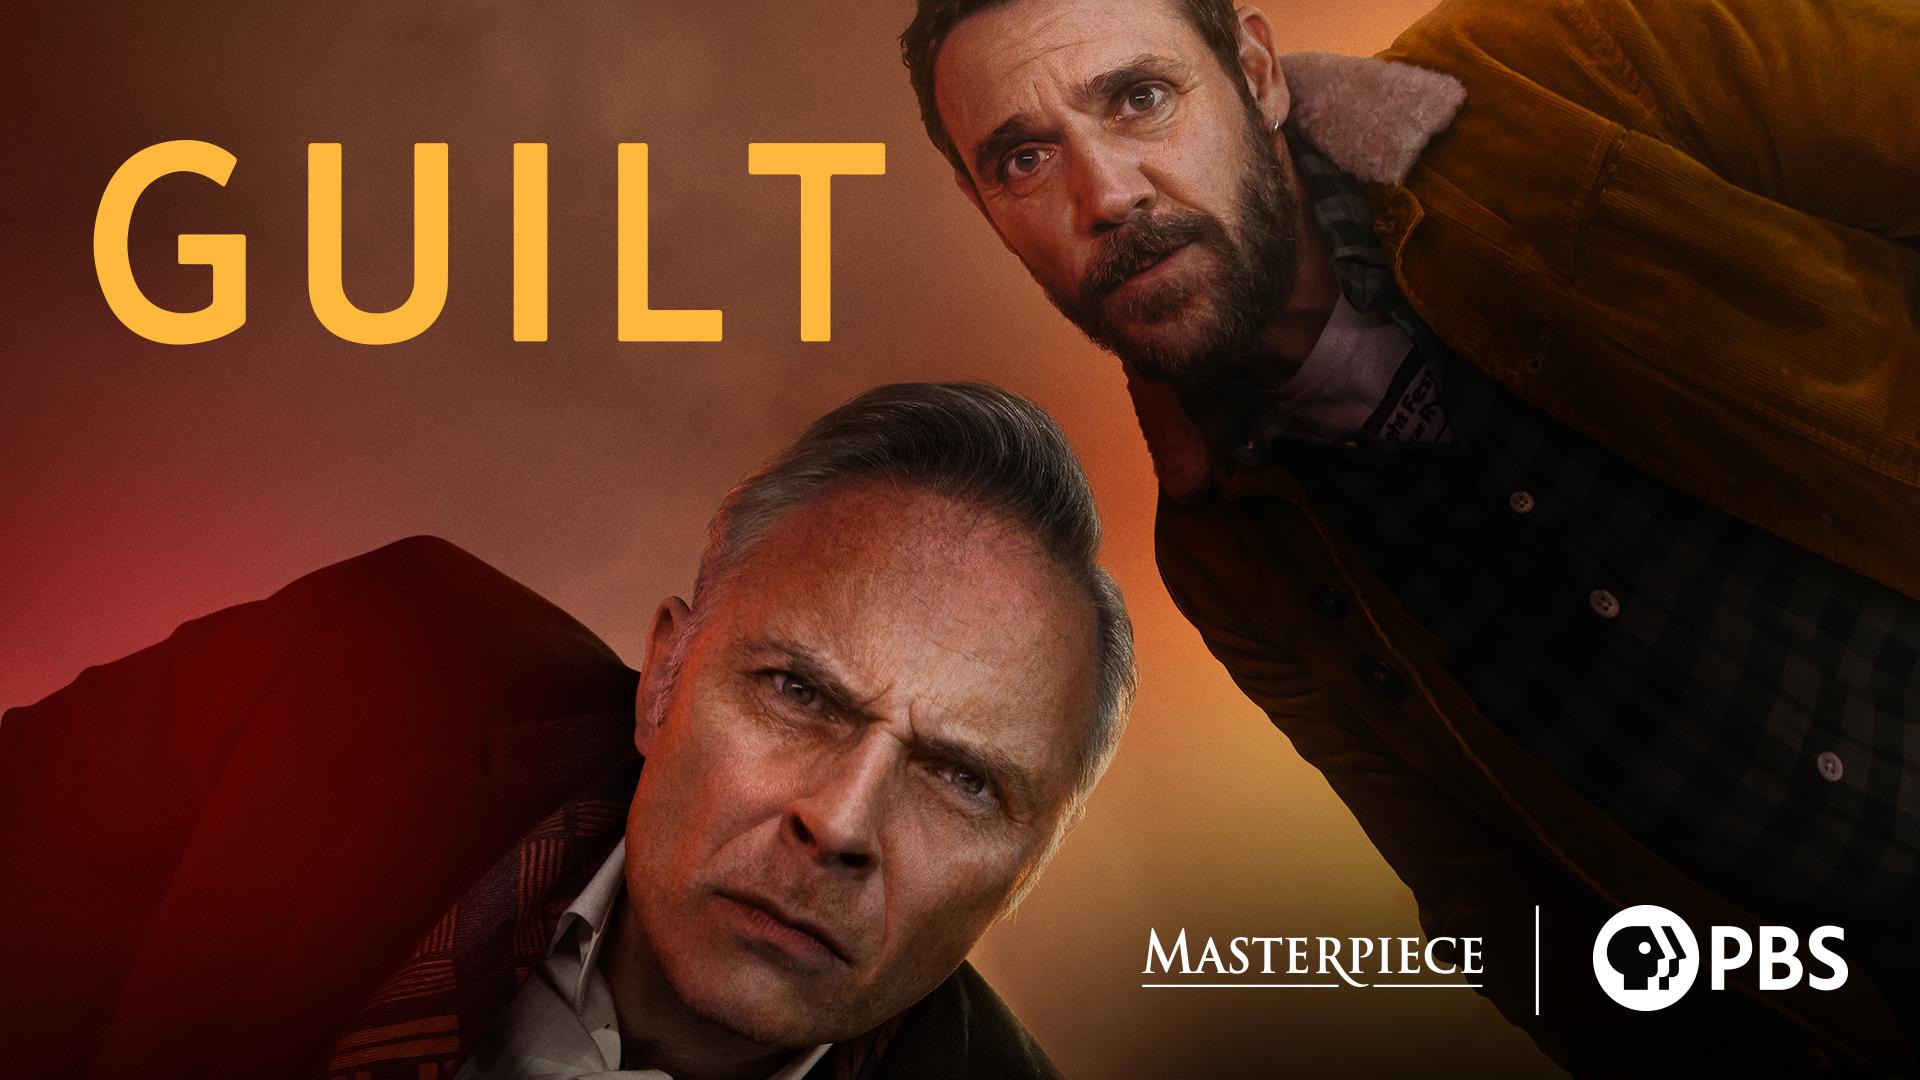 Guilt, Season 1